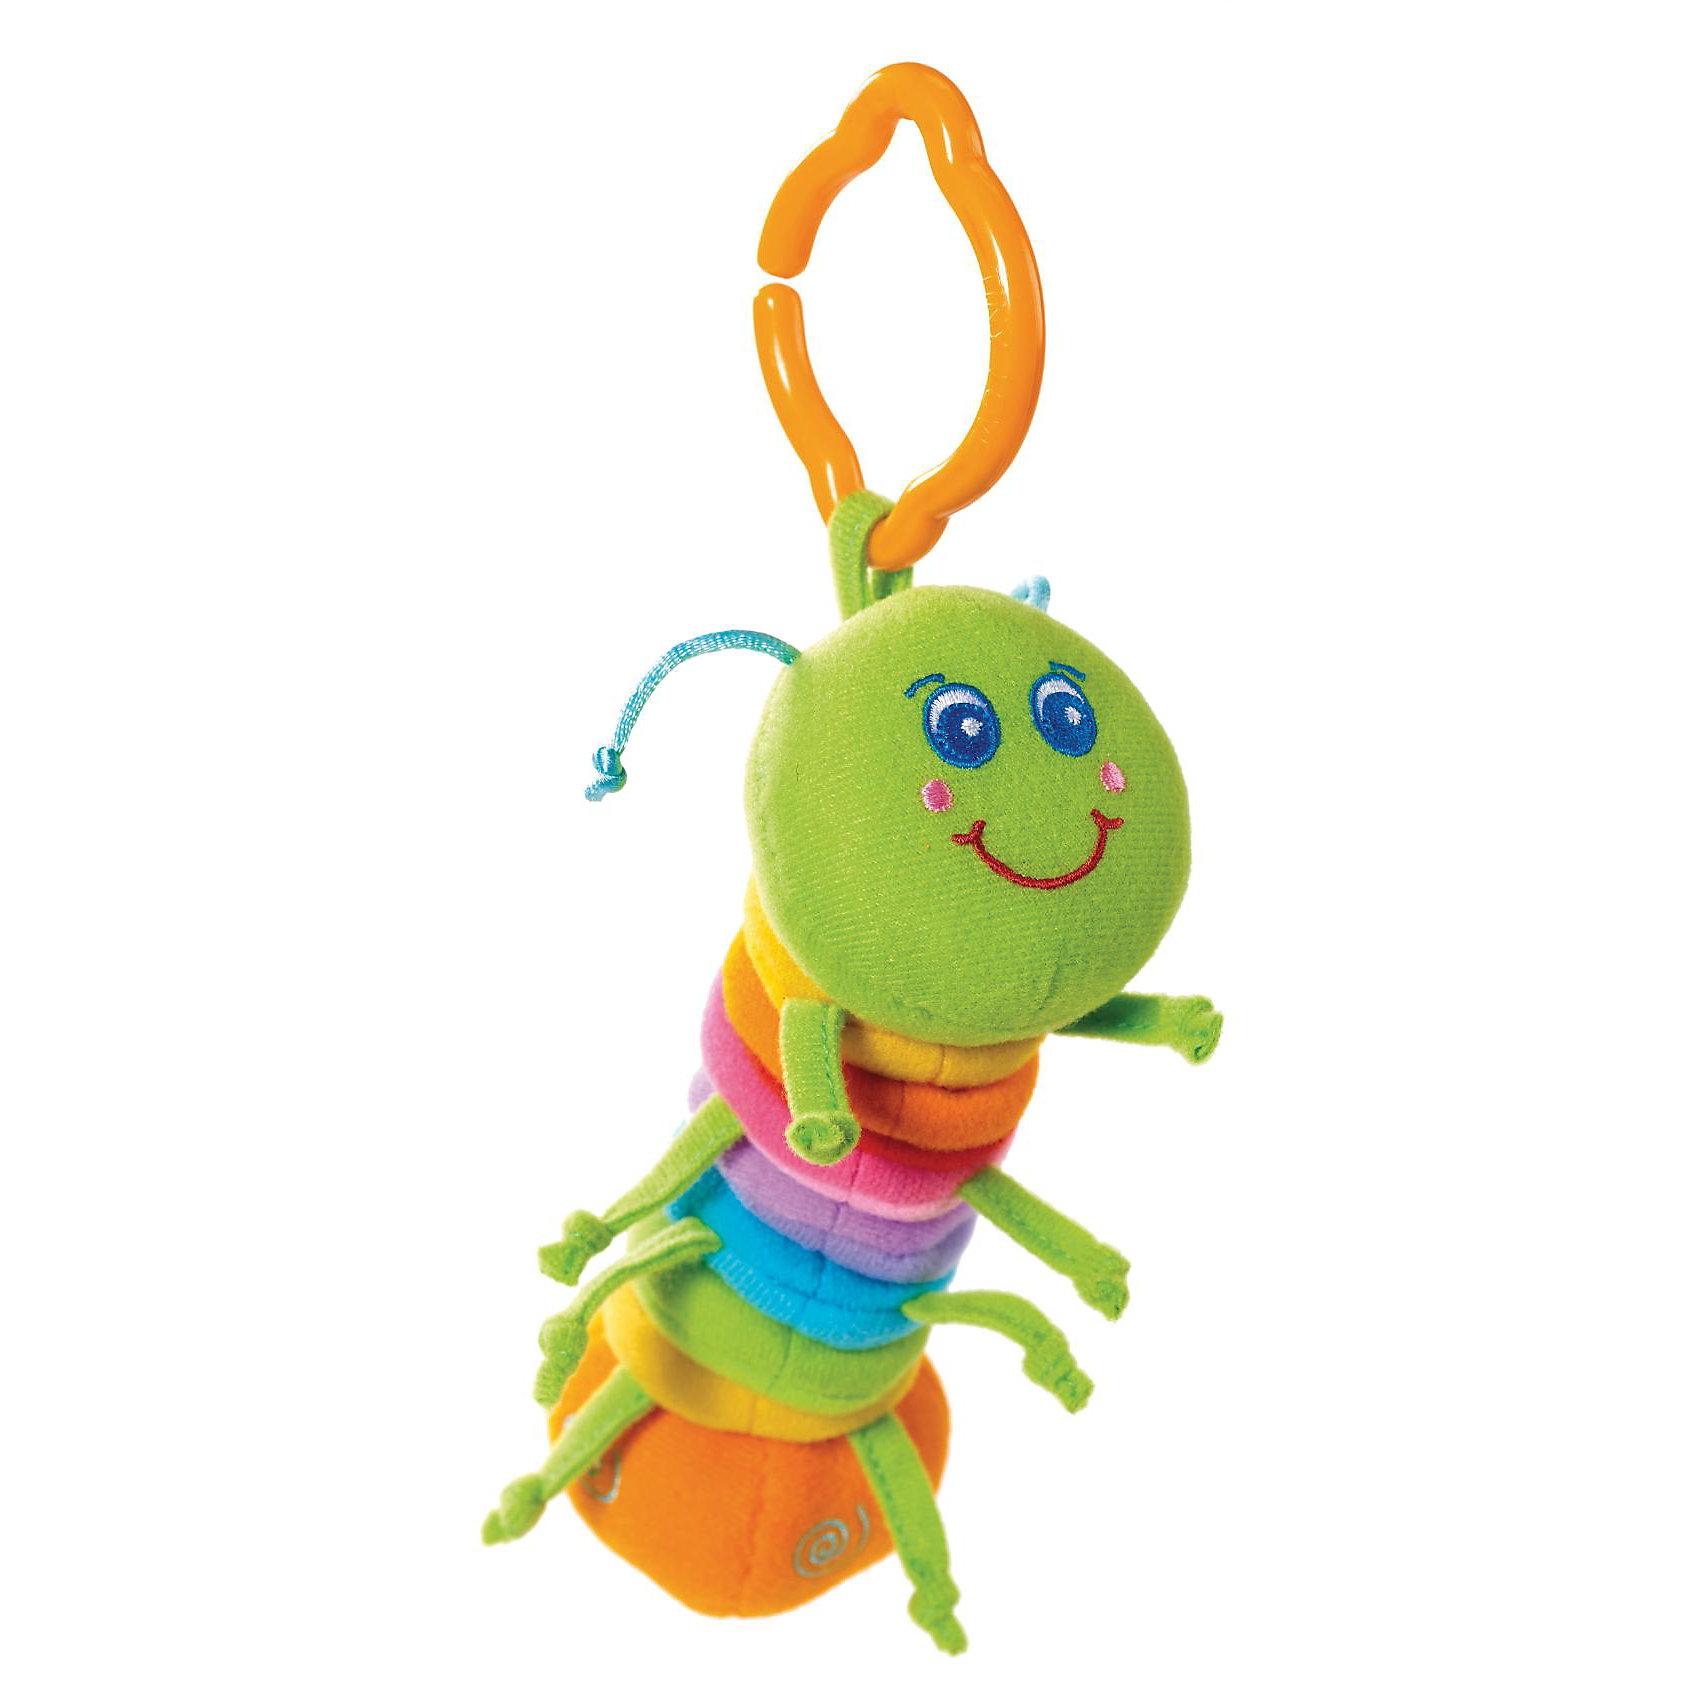 Развивающая игрушка Гусеничка, Tiny LoveИгрушки для малышей<br>Развивающая игрушка Вибрирующая Гусеничка от Tiny Love (Тини Лав).<br><br>Игрушки серии Tiny Smarts - это уникальное сочетание всех чудесных свойств развивающих игрушек Tiny Love (Тини Лав) и выгодной цены. Игрушки Tiny Smarts можно повсюду брать с собой - малыши перед ними не устоят. <br><br>Развивающую игрушку «Вибрирующая Гусеничка» легко схватить и удержать в ручках, благодаря чему она привлечёт внимание даже новорожденного. Гусеничка сделана из материалов различной текстуры, что также станет объектом исследования малыша. Хвостик этой разноцветной маленькой гусеницы заканчивается забавно гремящей погремушкой; а ещё гусеничка может втягивать обратно шейку, которая при этом смешно вибрирует. <br>Так с самых первых дней жизни малыша игрушка будет развивать его органы чувств, мелкую и крупную моторику и мировосприятие.<br><br>Очень интересная игрушка для Вашего малыша!<br><br>Дополнительная информация:<br>Материал: текстиль.<br>Размеры (д/ш/в): 22 х 13 х 6 см.<br><br>Развивающую игрушку Гусеничка, Tiny Love (Тини Лав) можно купить в нашем интернет- магазине.<br><br>Ширина мм: 165<br>Глубина мм: 167<br>Высота мм: 60<br>Вес г: 64<br>Возраст от месяцев: 0<br>Возраст до месяцев: 12<br>Пол: Унисекс<br>Возраст: Детский<br>SKU: 1856280